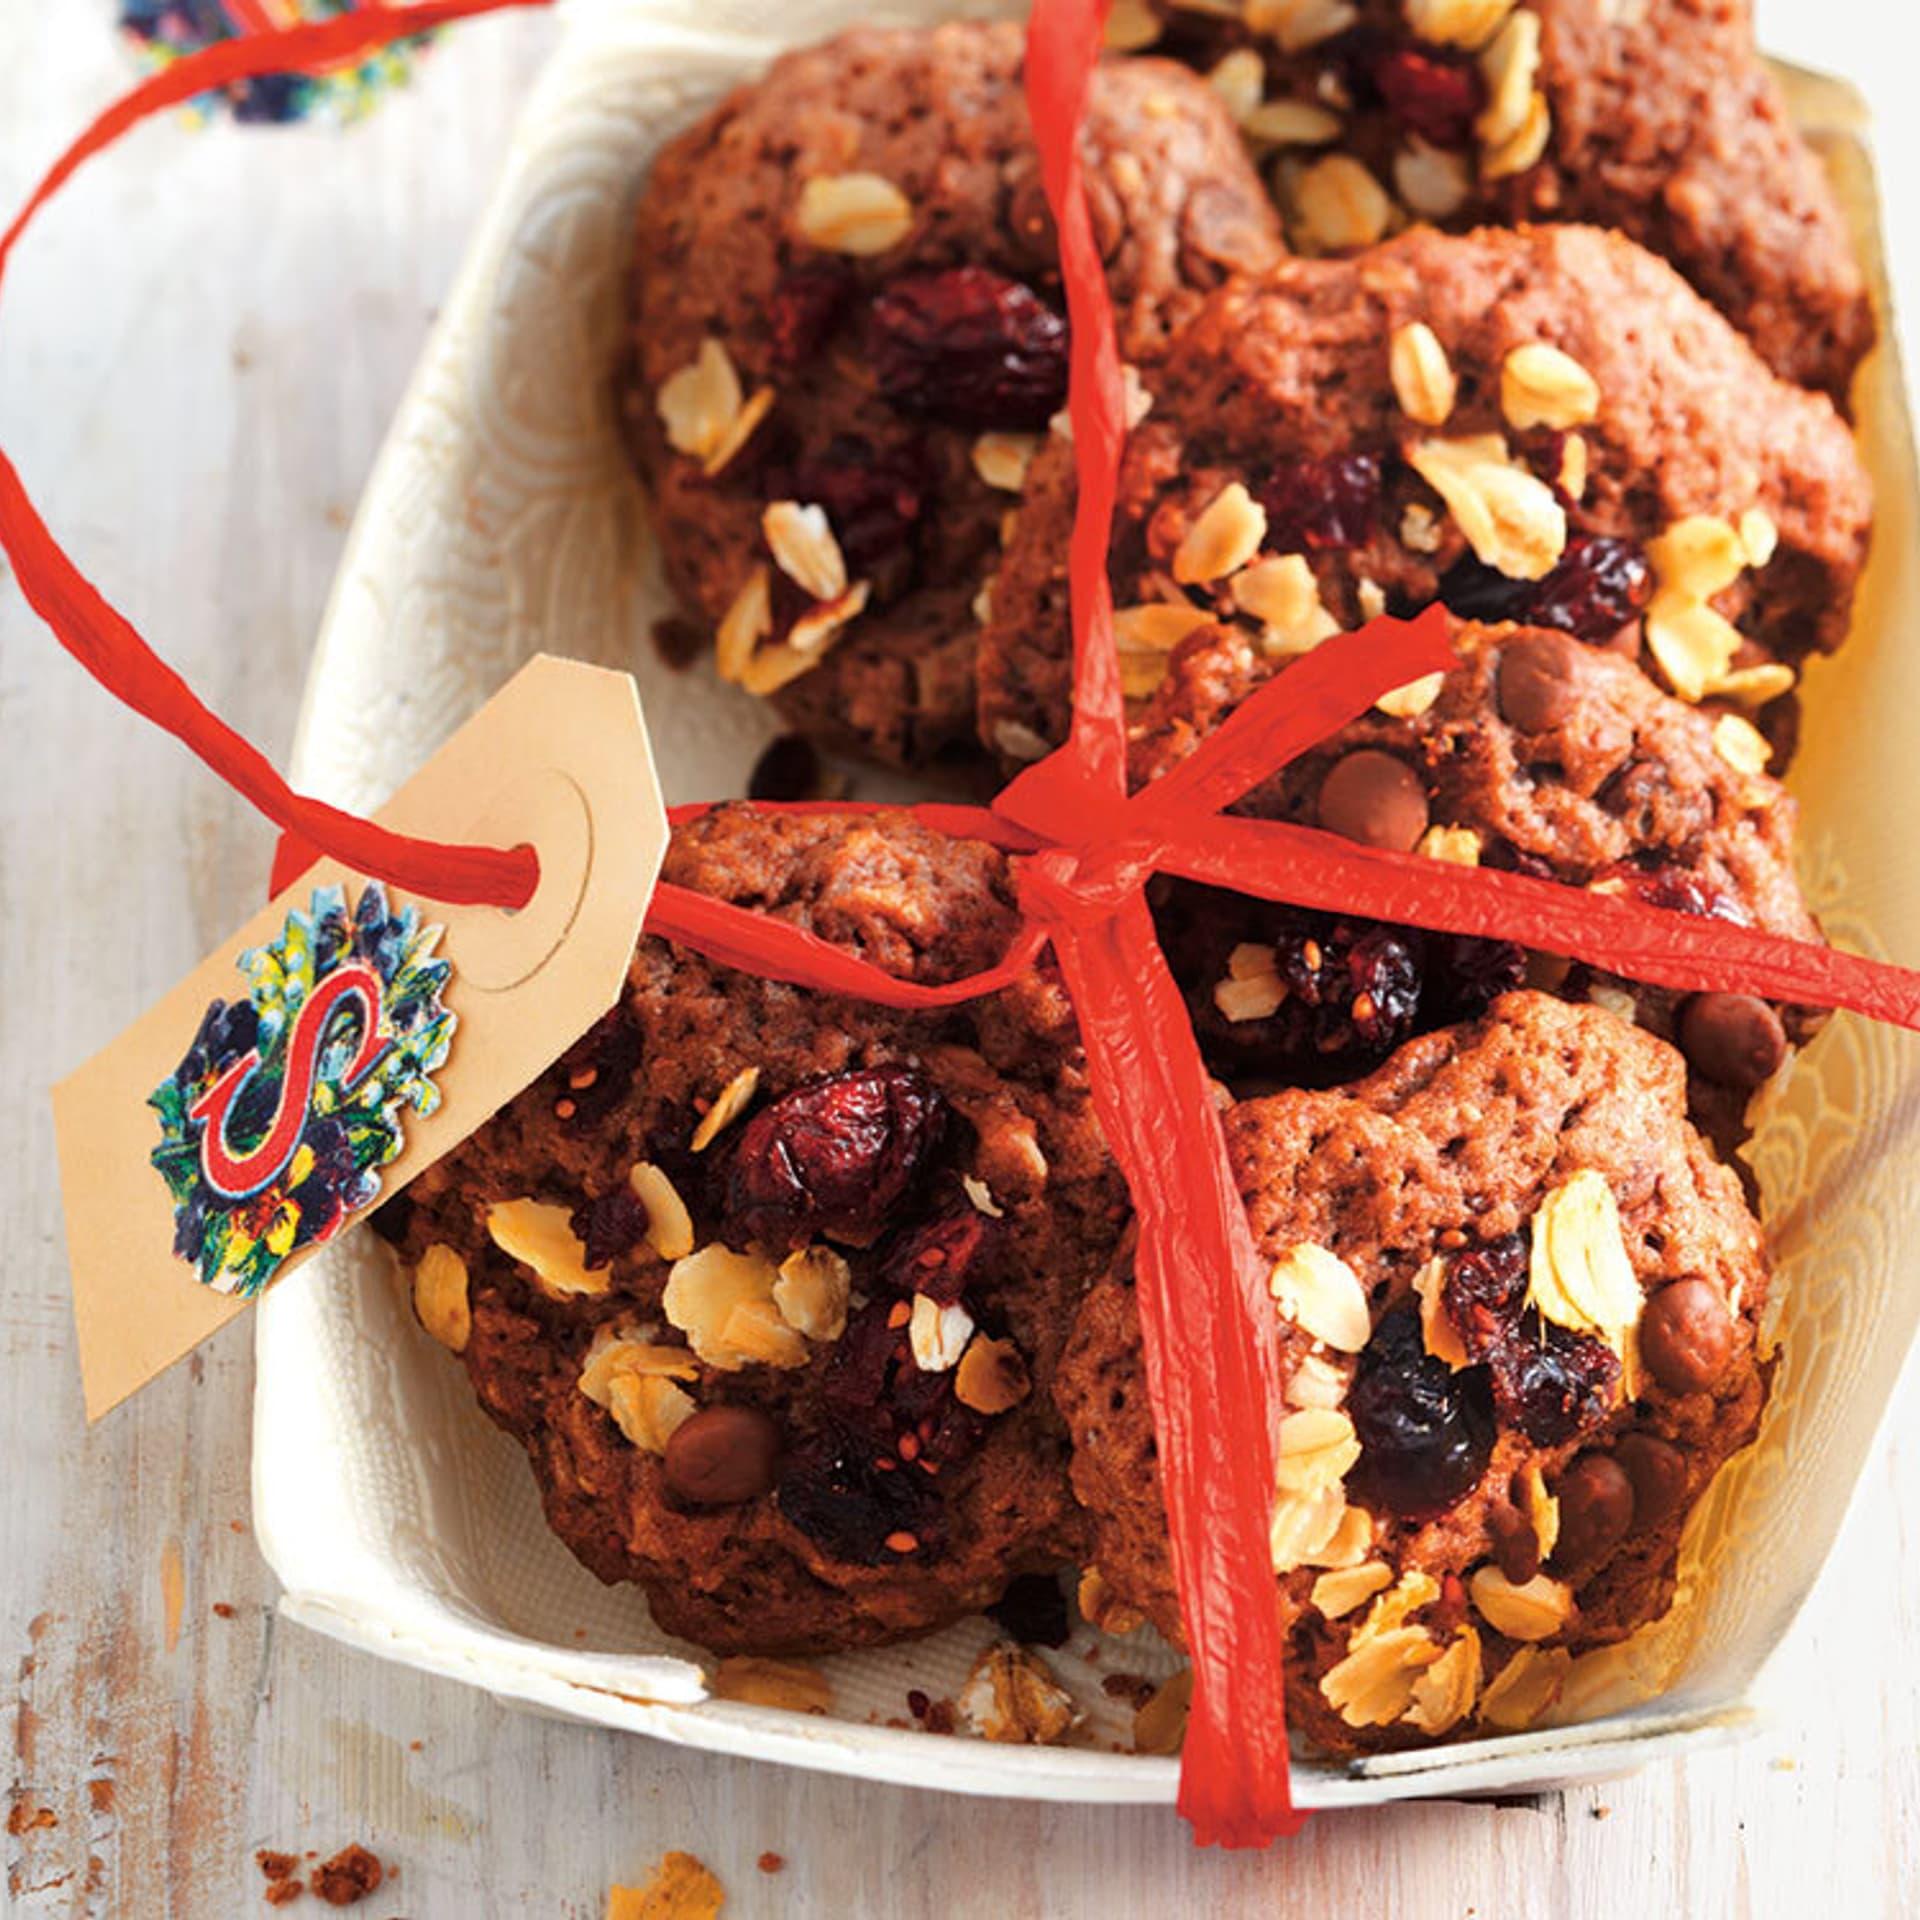 Schokoladen-Haferflocken-Kekse